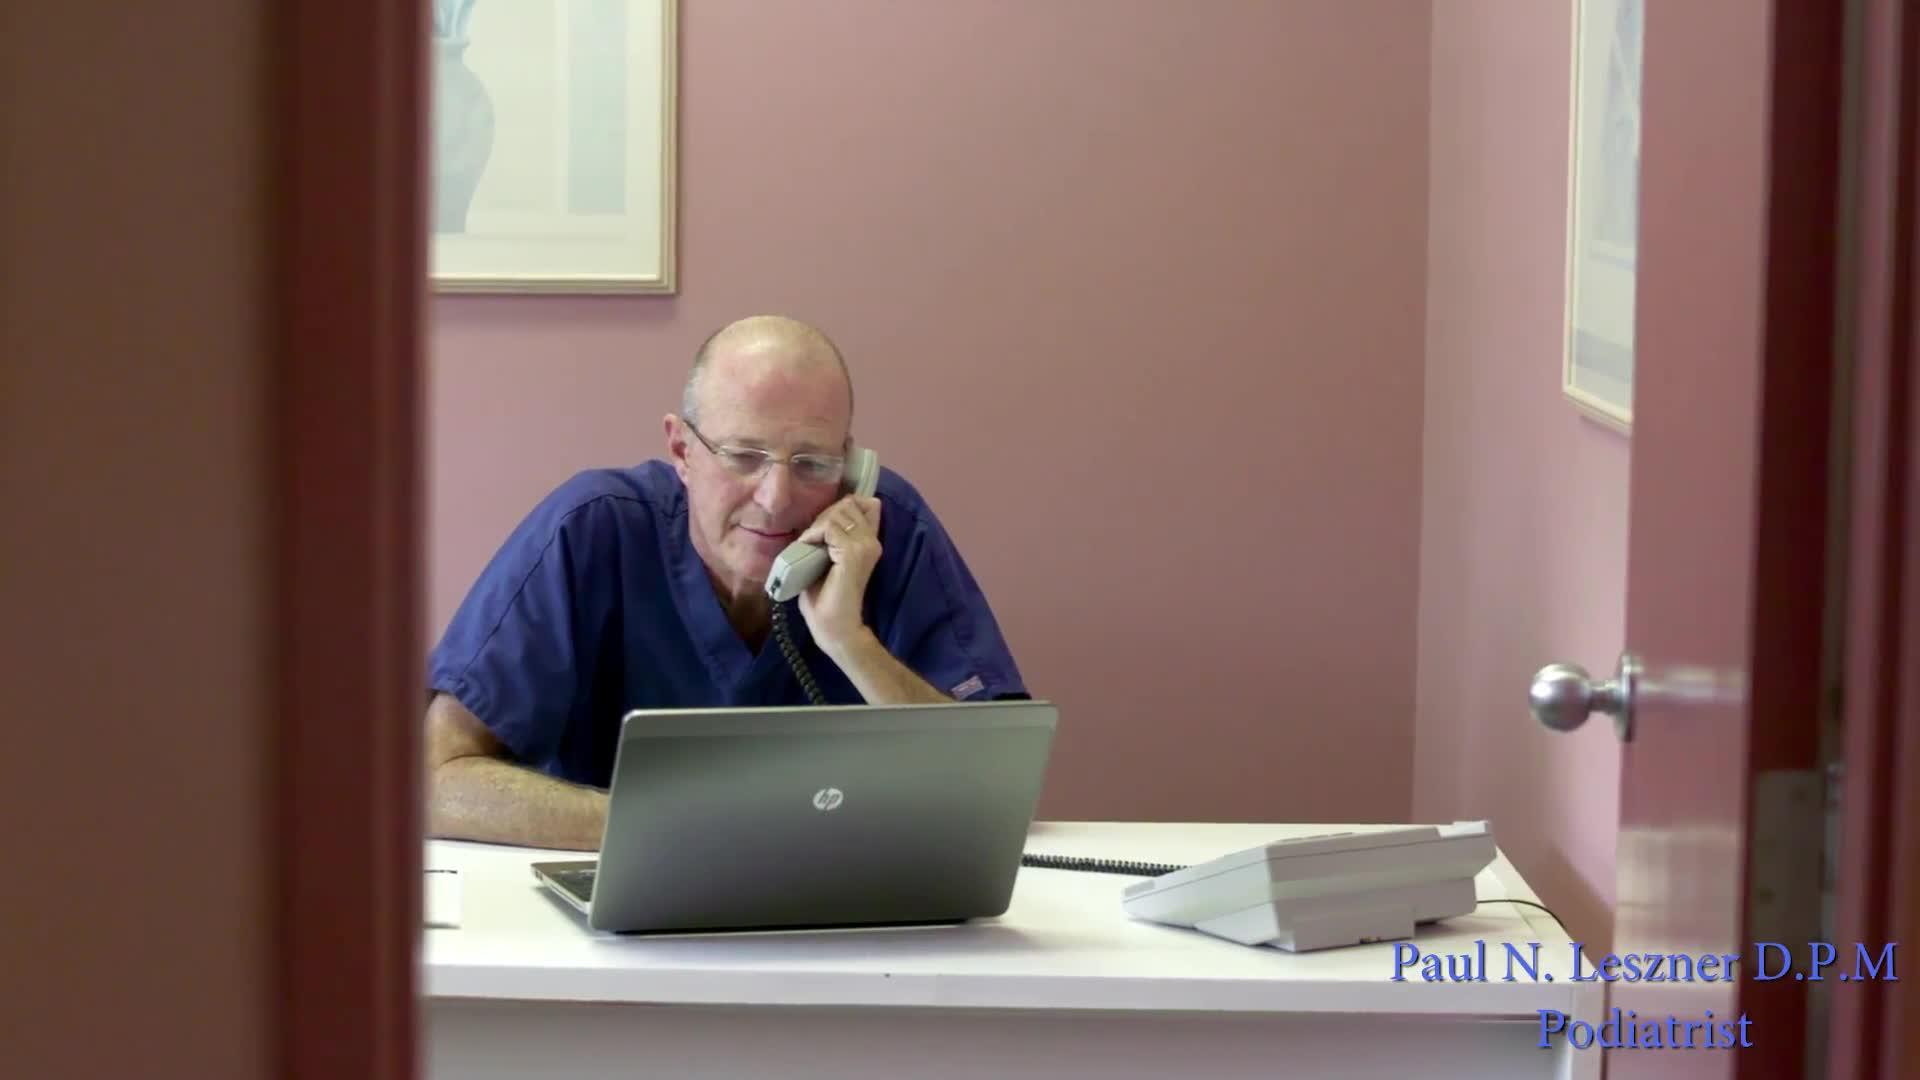 Leszner Paul N DPM - Podiatrists - 416-494-6354